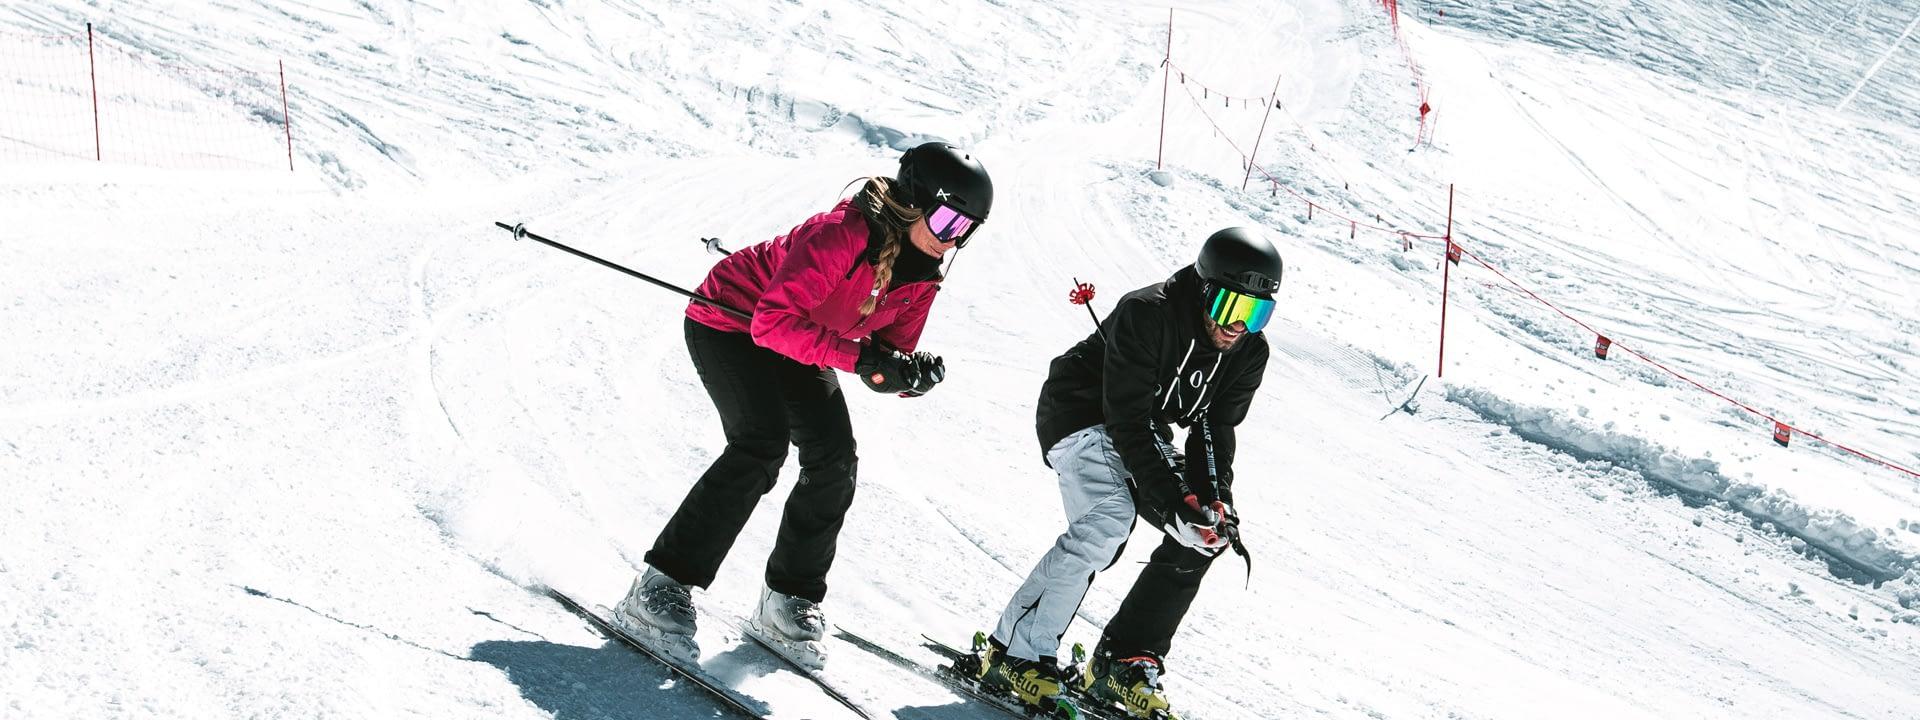 Ragazzi che si divertono sul Freeride Cross della ski area Mottolino a livigno